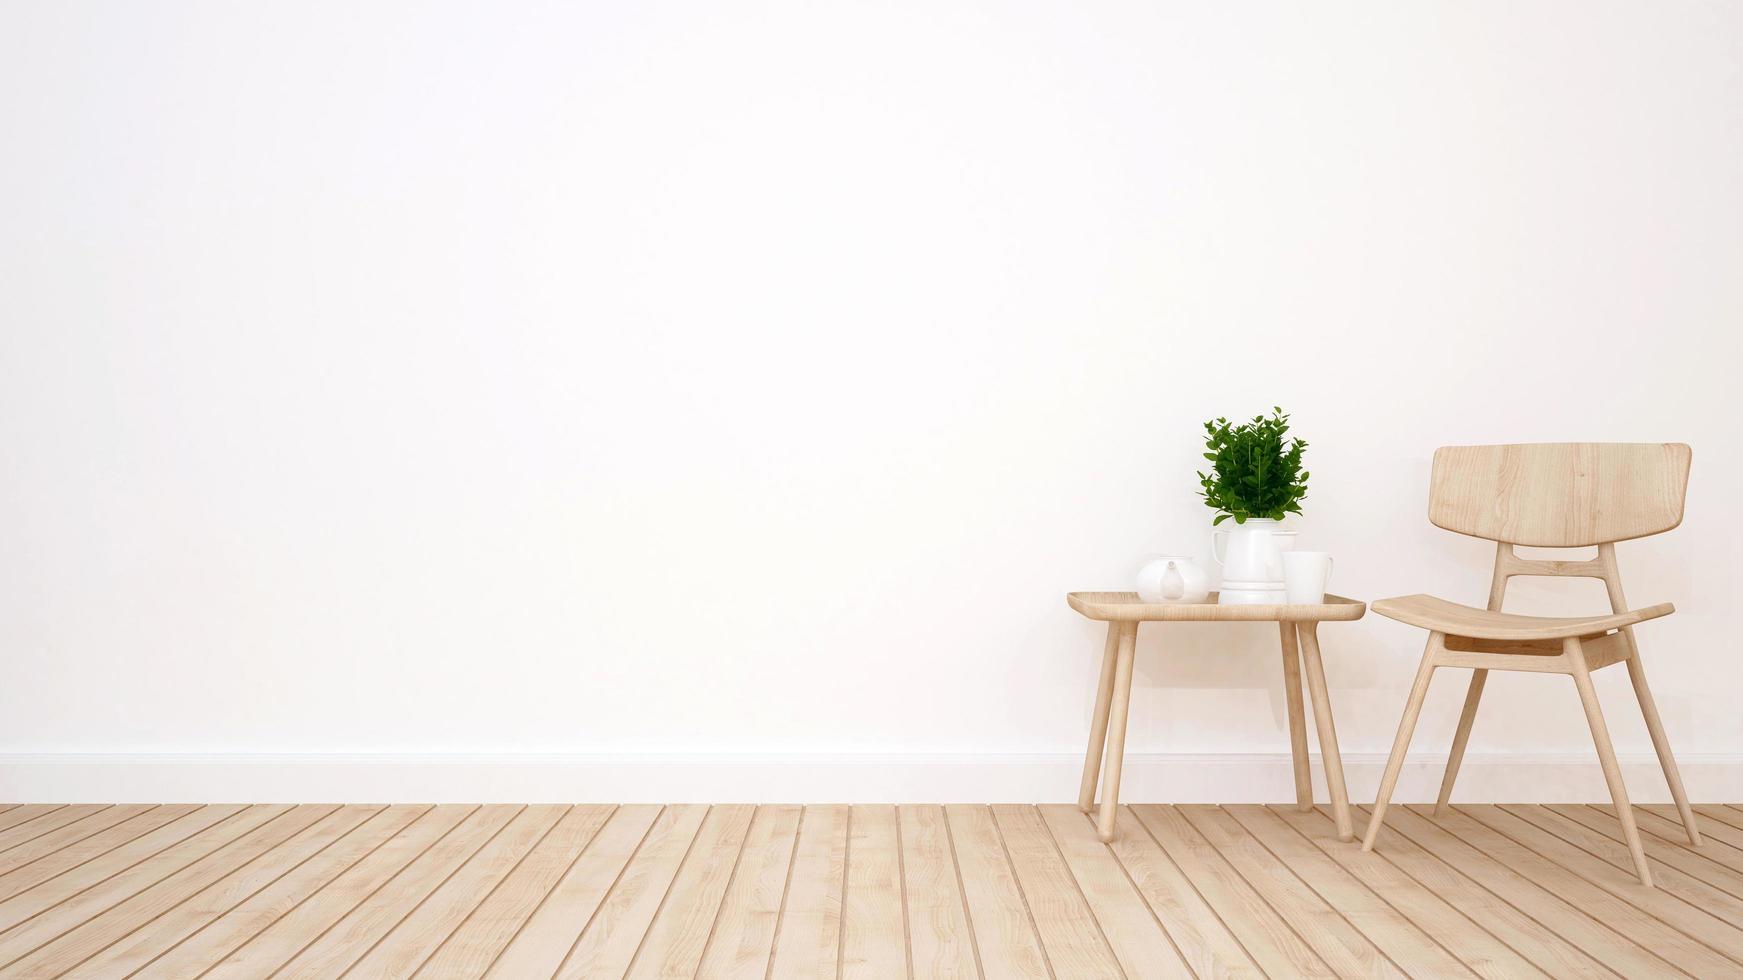 vardagsrum i kafé eller lägenhet foto